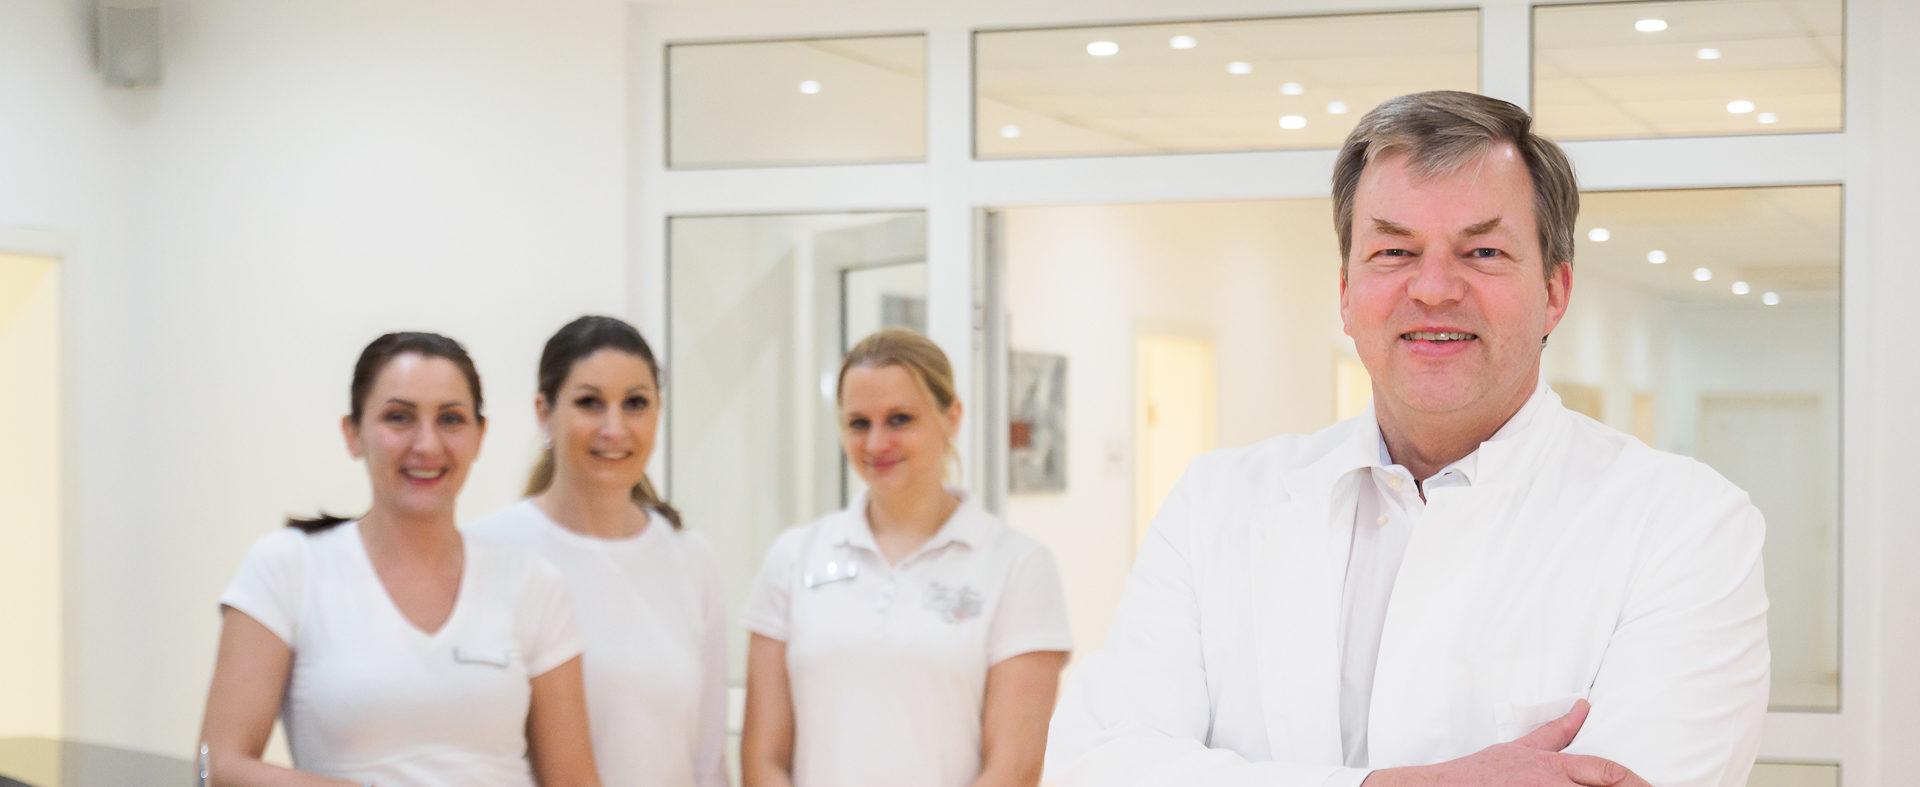 Dr-Feyder-und-Team-Rezeption